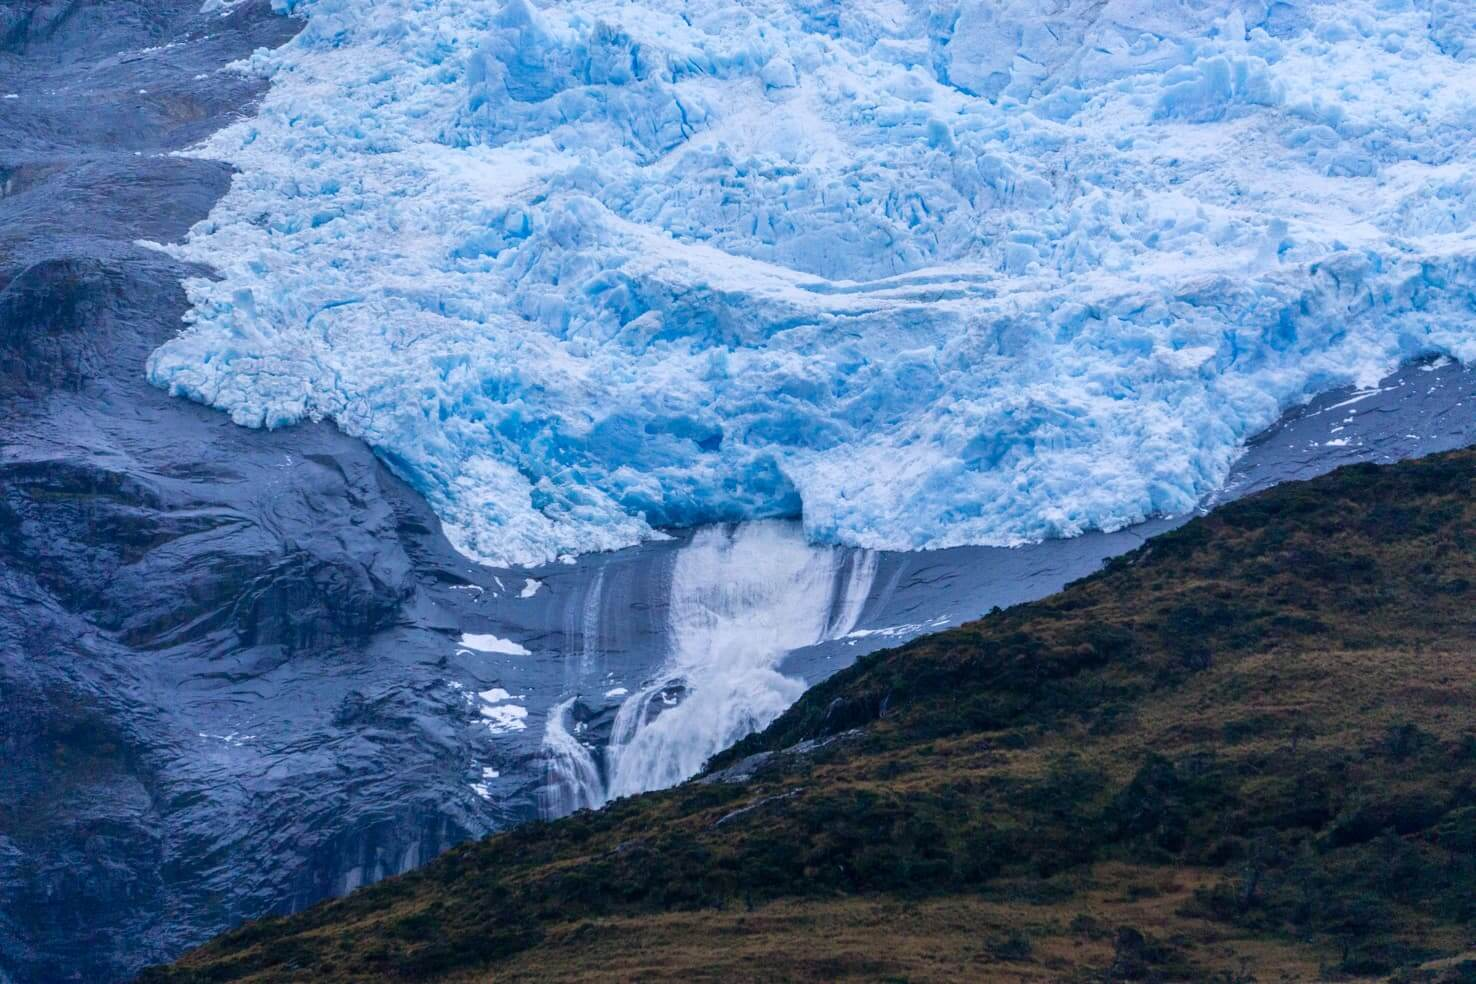 Puerto Williams, Chile - southernmost city in the world - Glacier Romanche